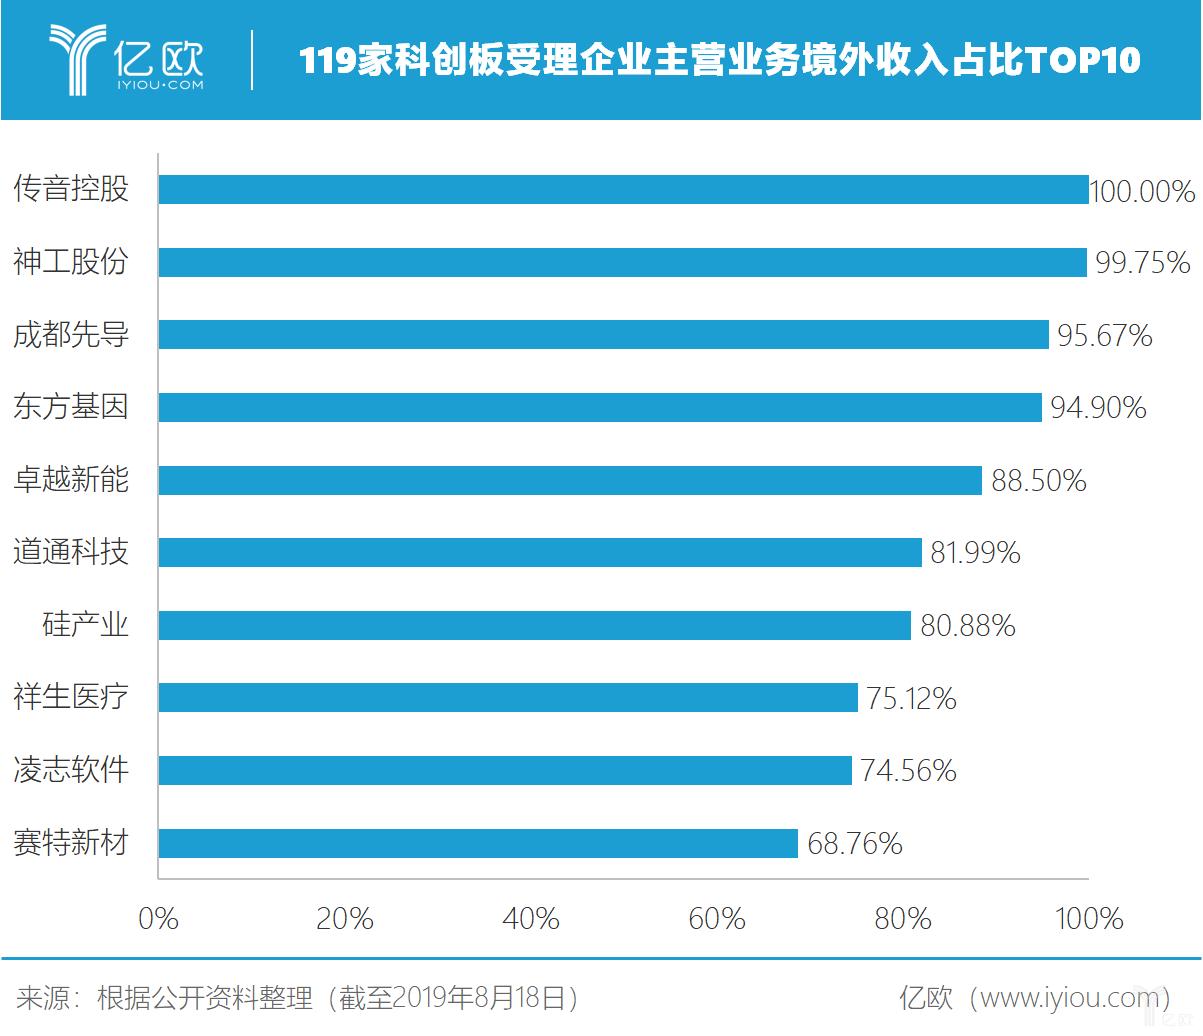 亿欧智库:119家科创板受理企业主营业务境外收入占比Top10